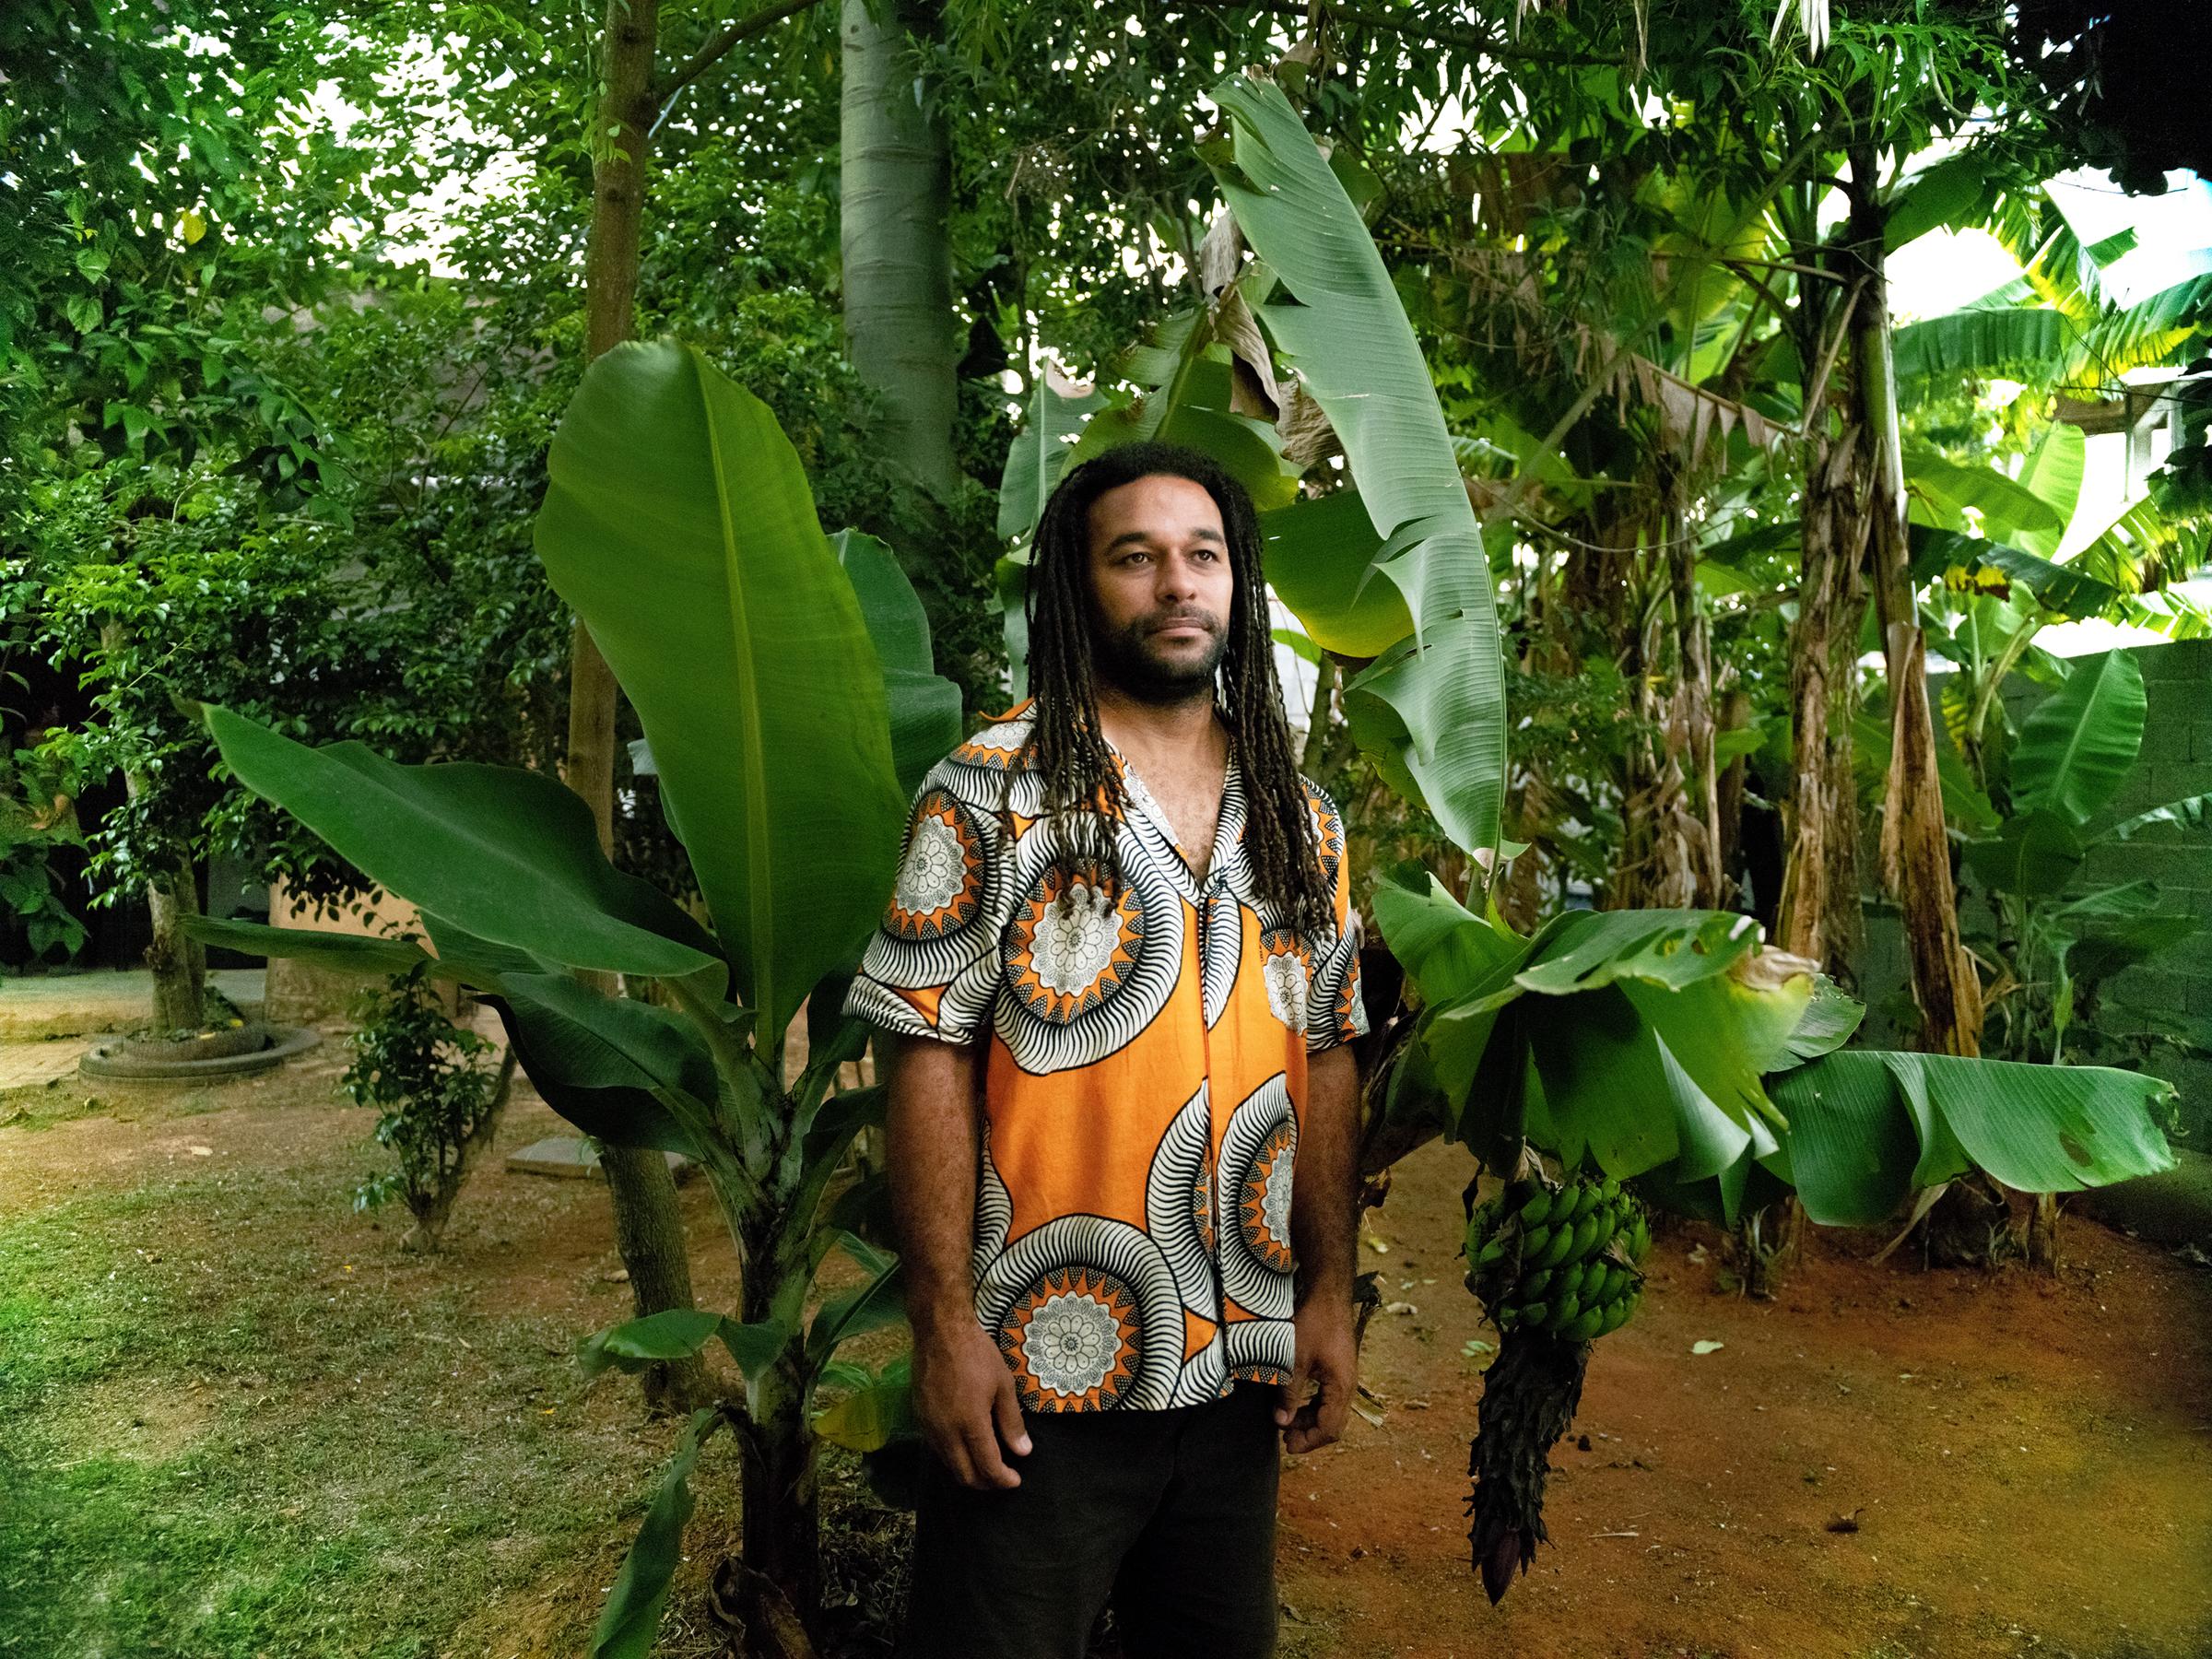 Clébio Ferreira, 36, founder of Quilombaque in the Perus neighborhood of São Paulo on Dec. 5, 2020.